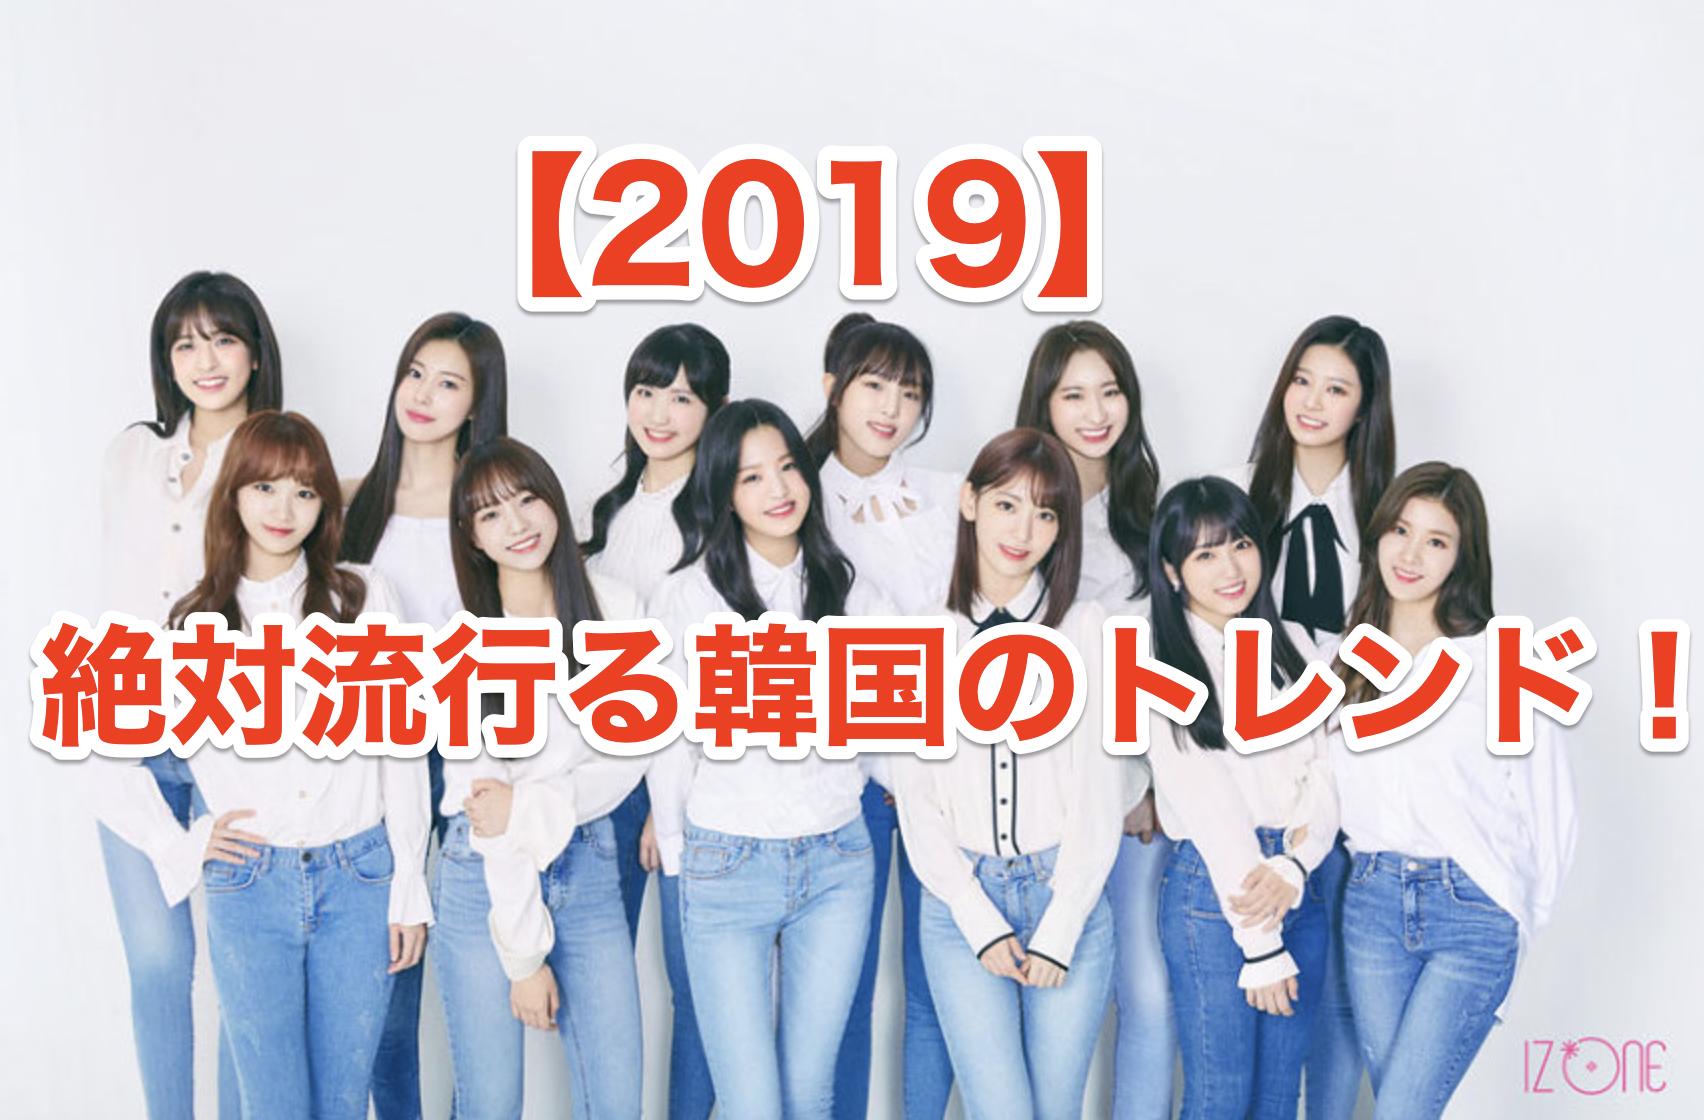 2019年の韓国のトレンド